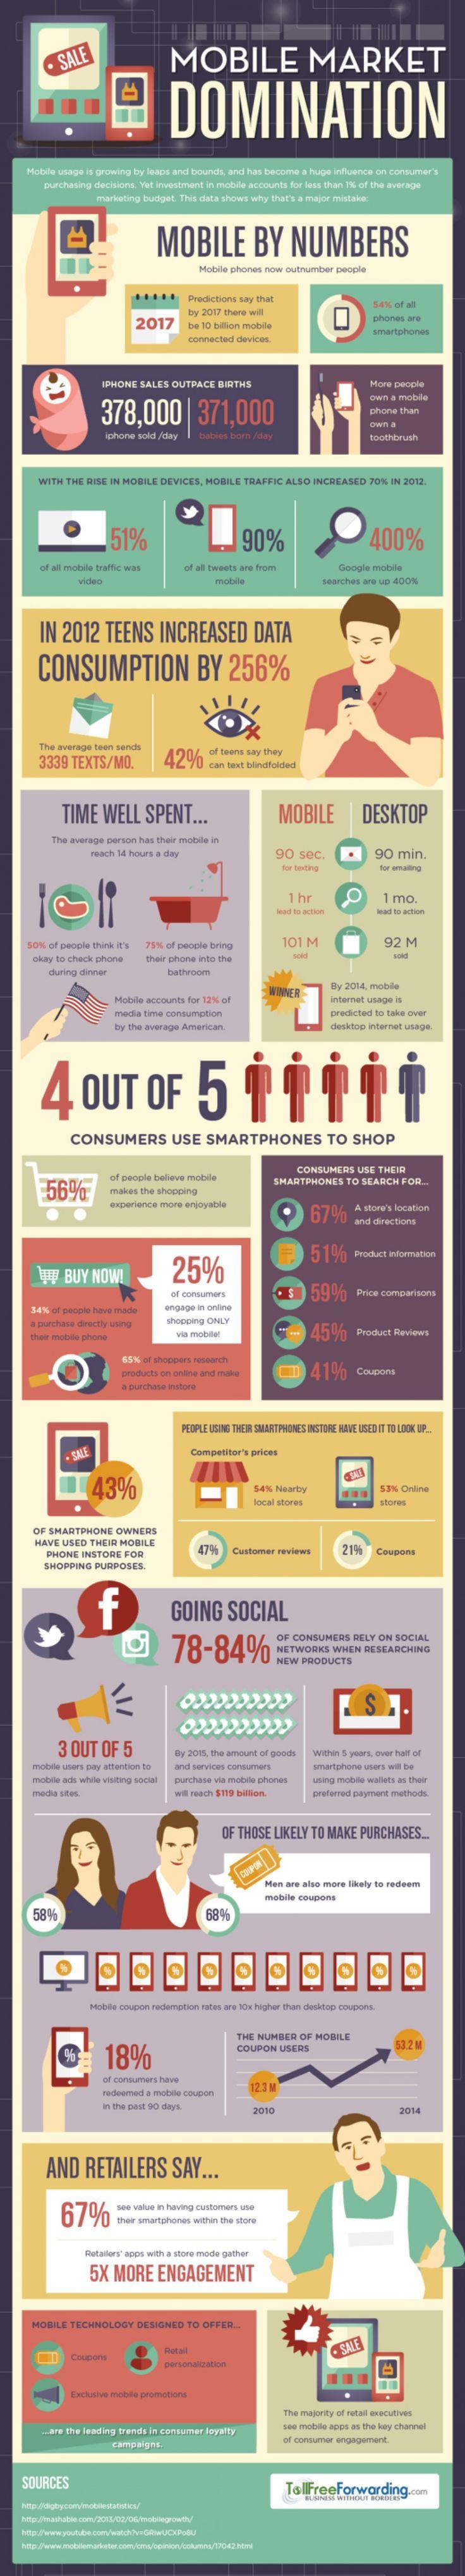 #Mobile #Market Domination